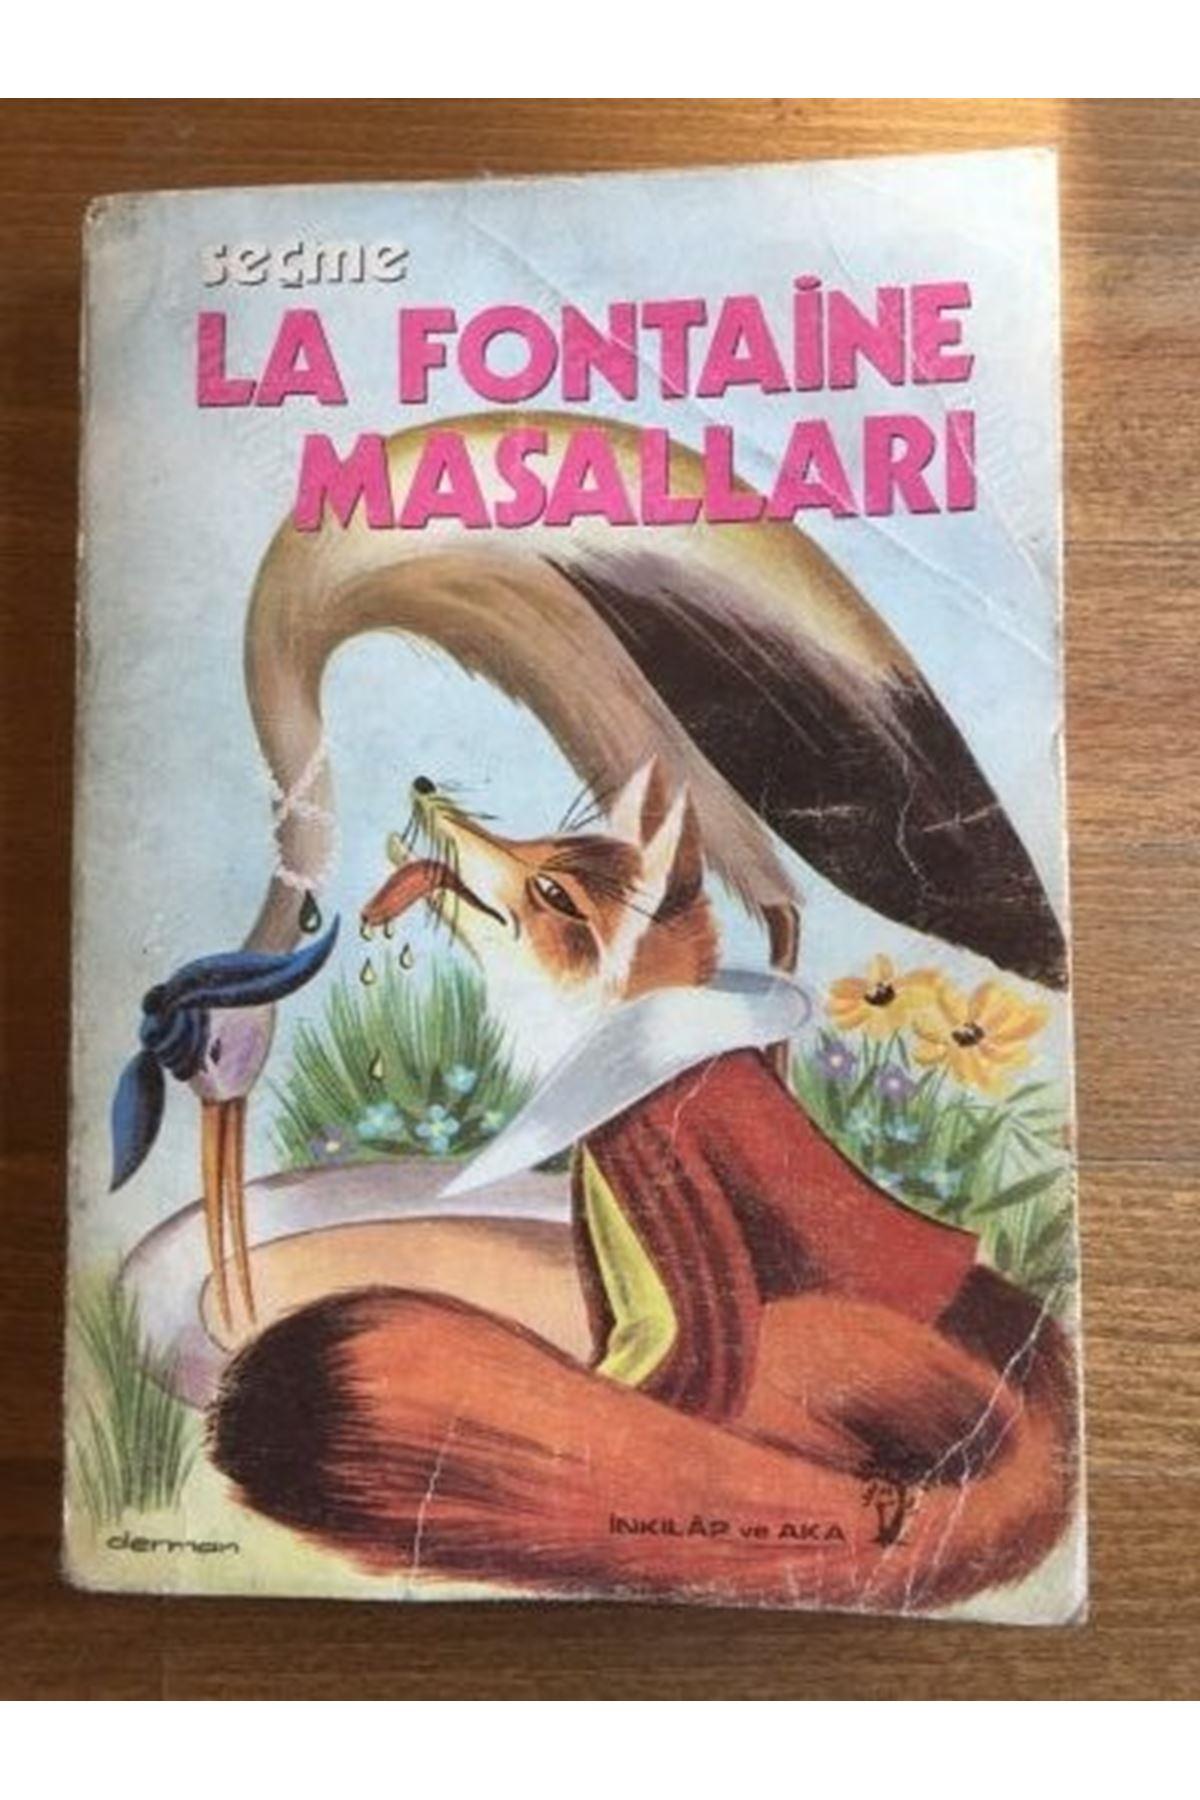 SEÇME LA FONTAİNE MASALLARI